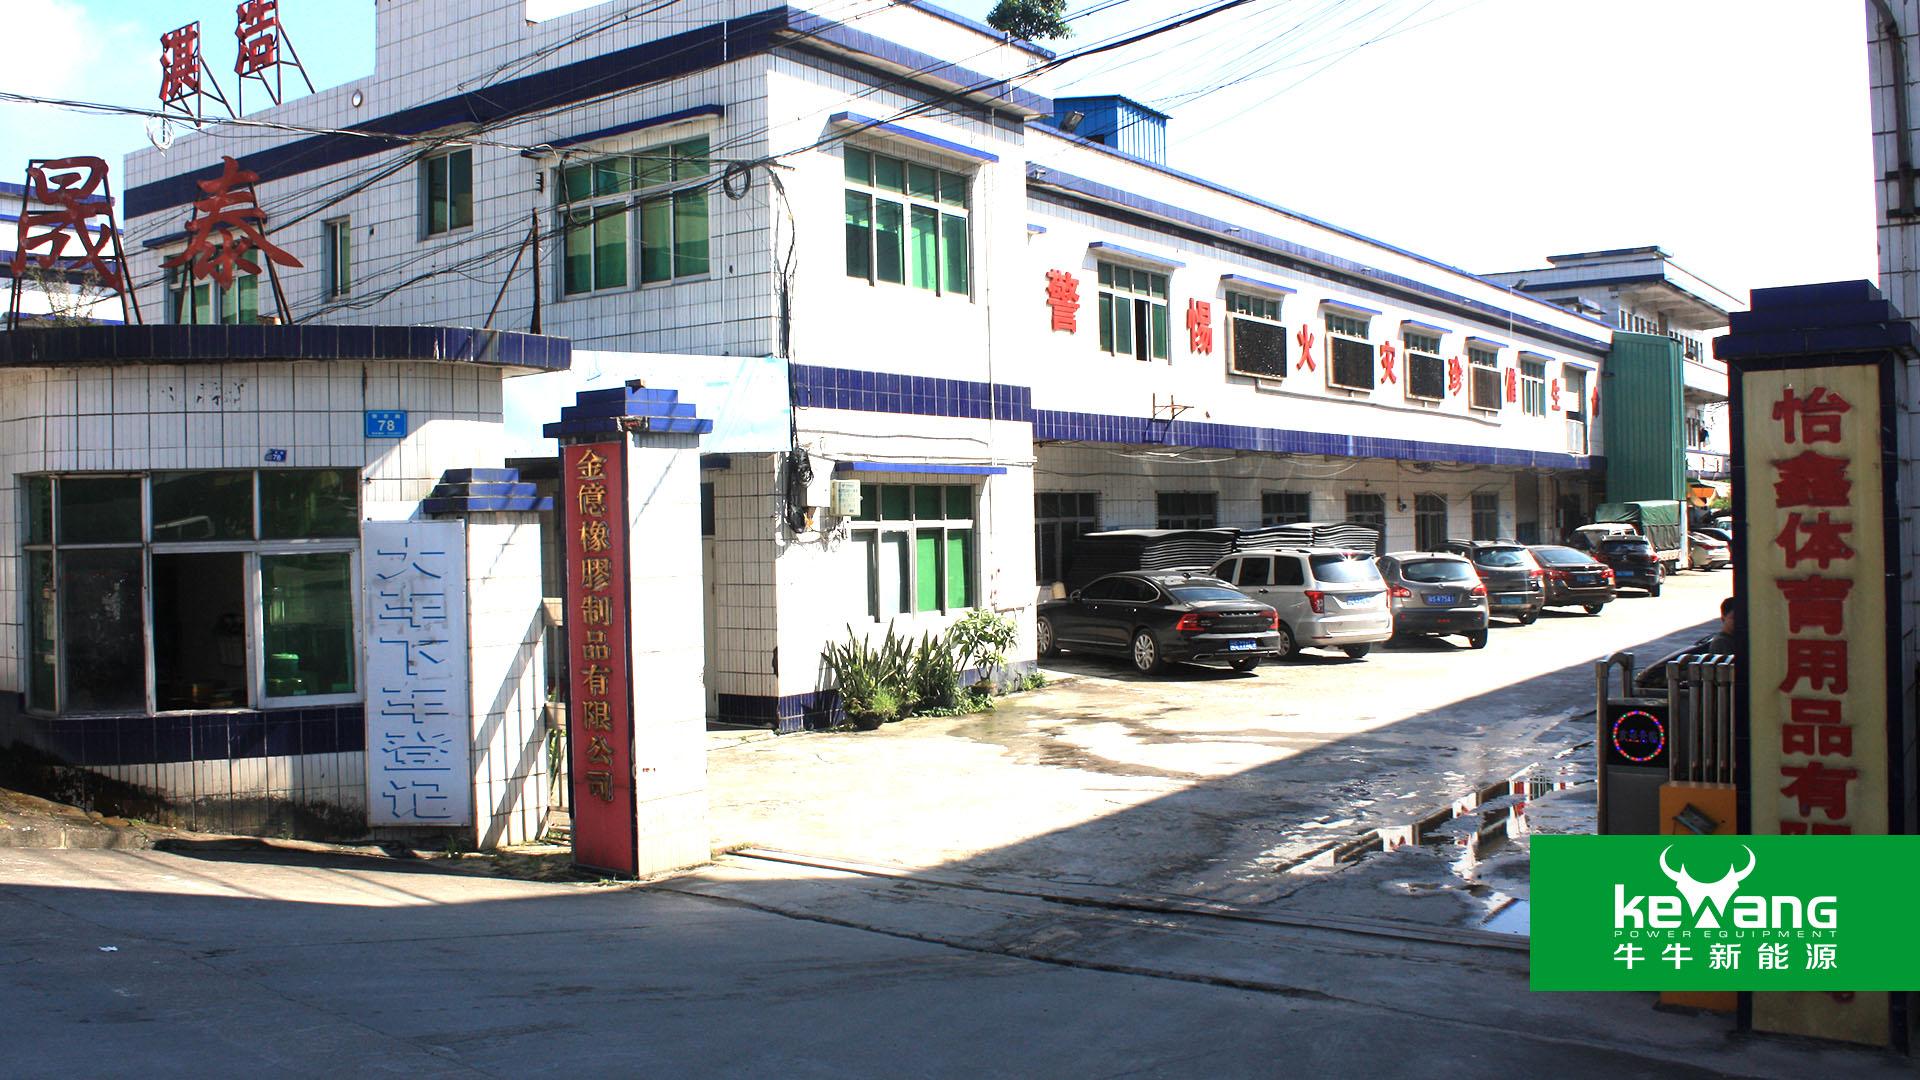 http://www.kewangxny.com/data/images/case/20191207145944_379.jpg